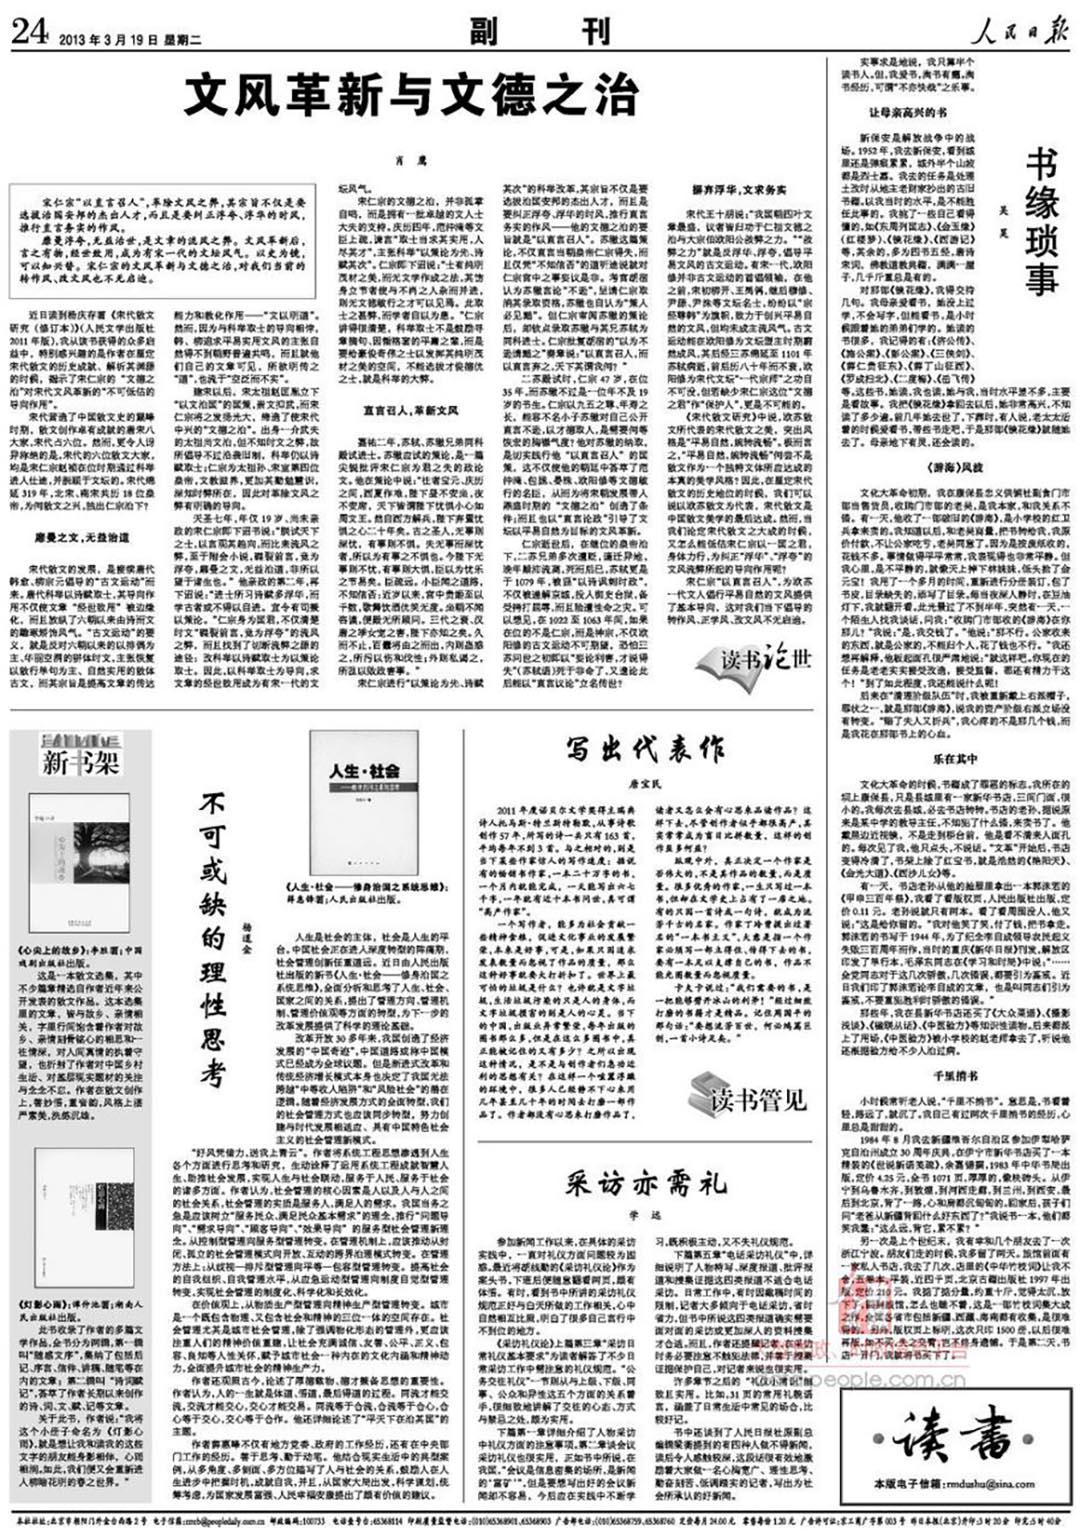 肖鷹:《文風革新與文德之治》,刊於《人民日報》2013年3月19日第24版。 來源:人民日報數據庫